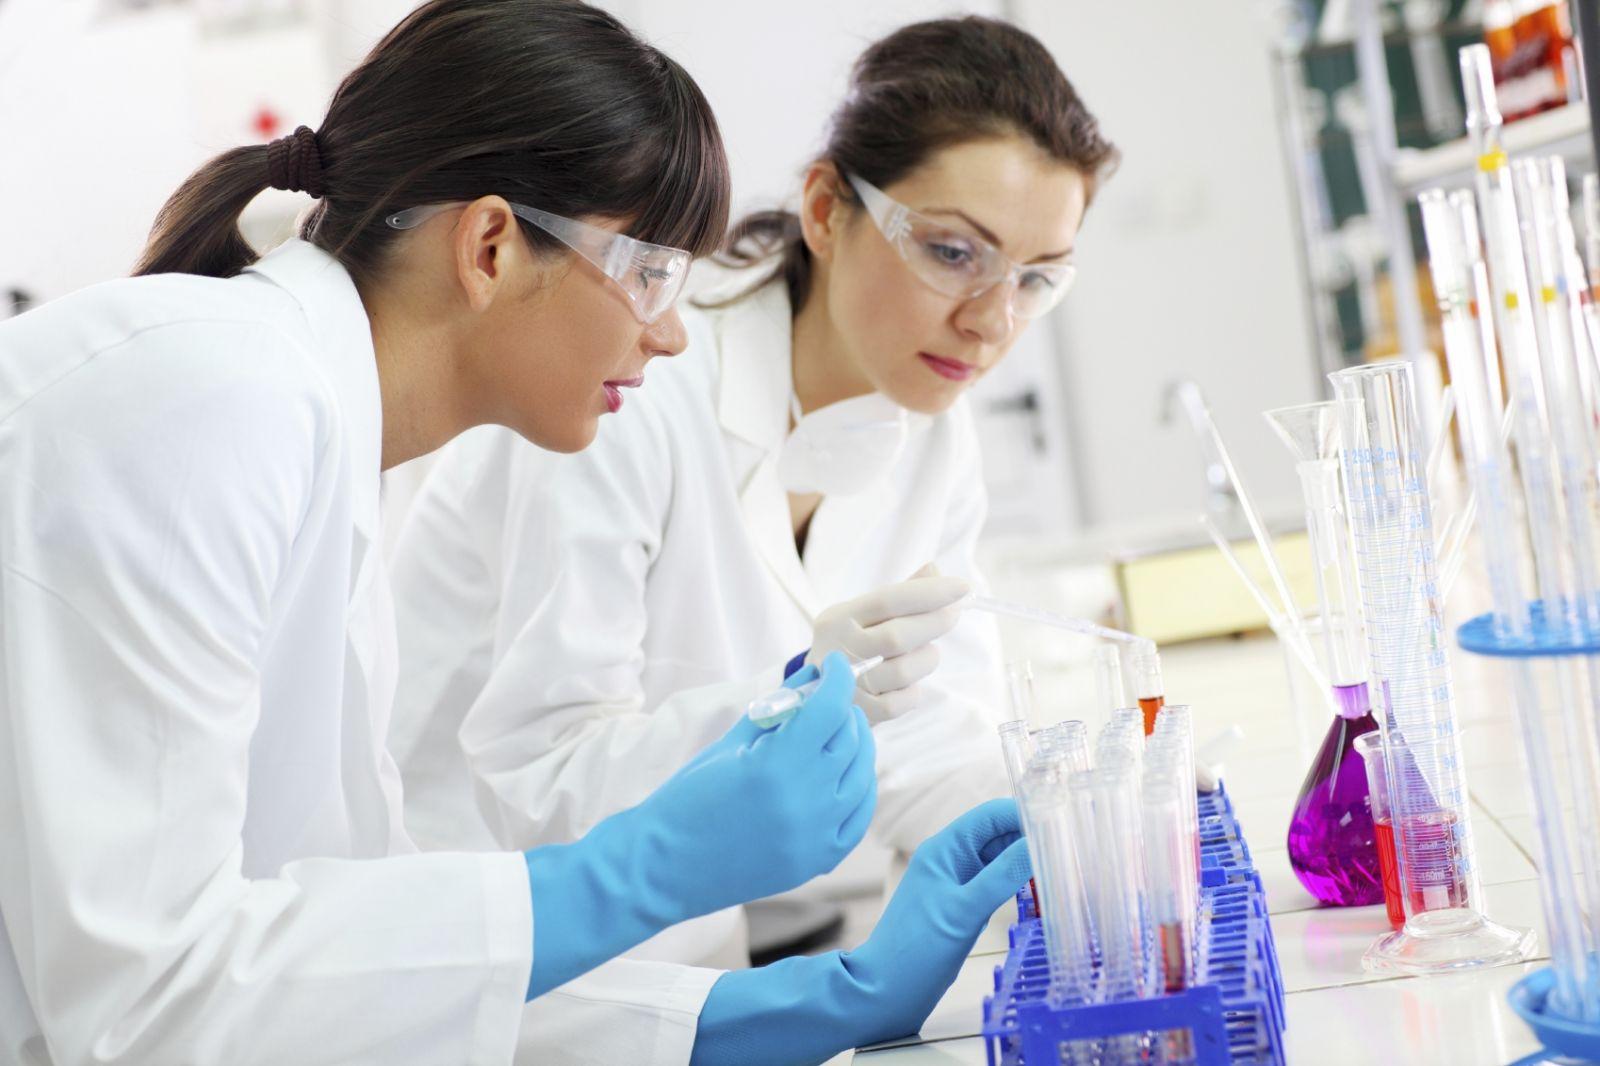 Triển vọng và cơ hội nghề nghiệp ngành dược